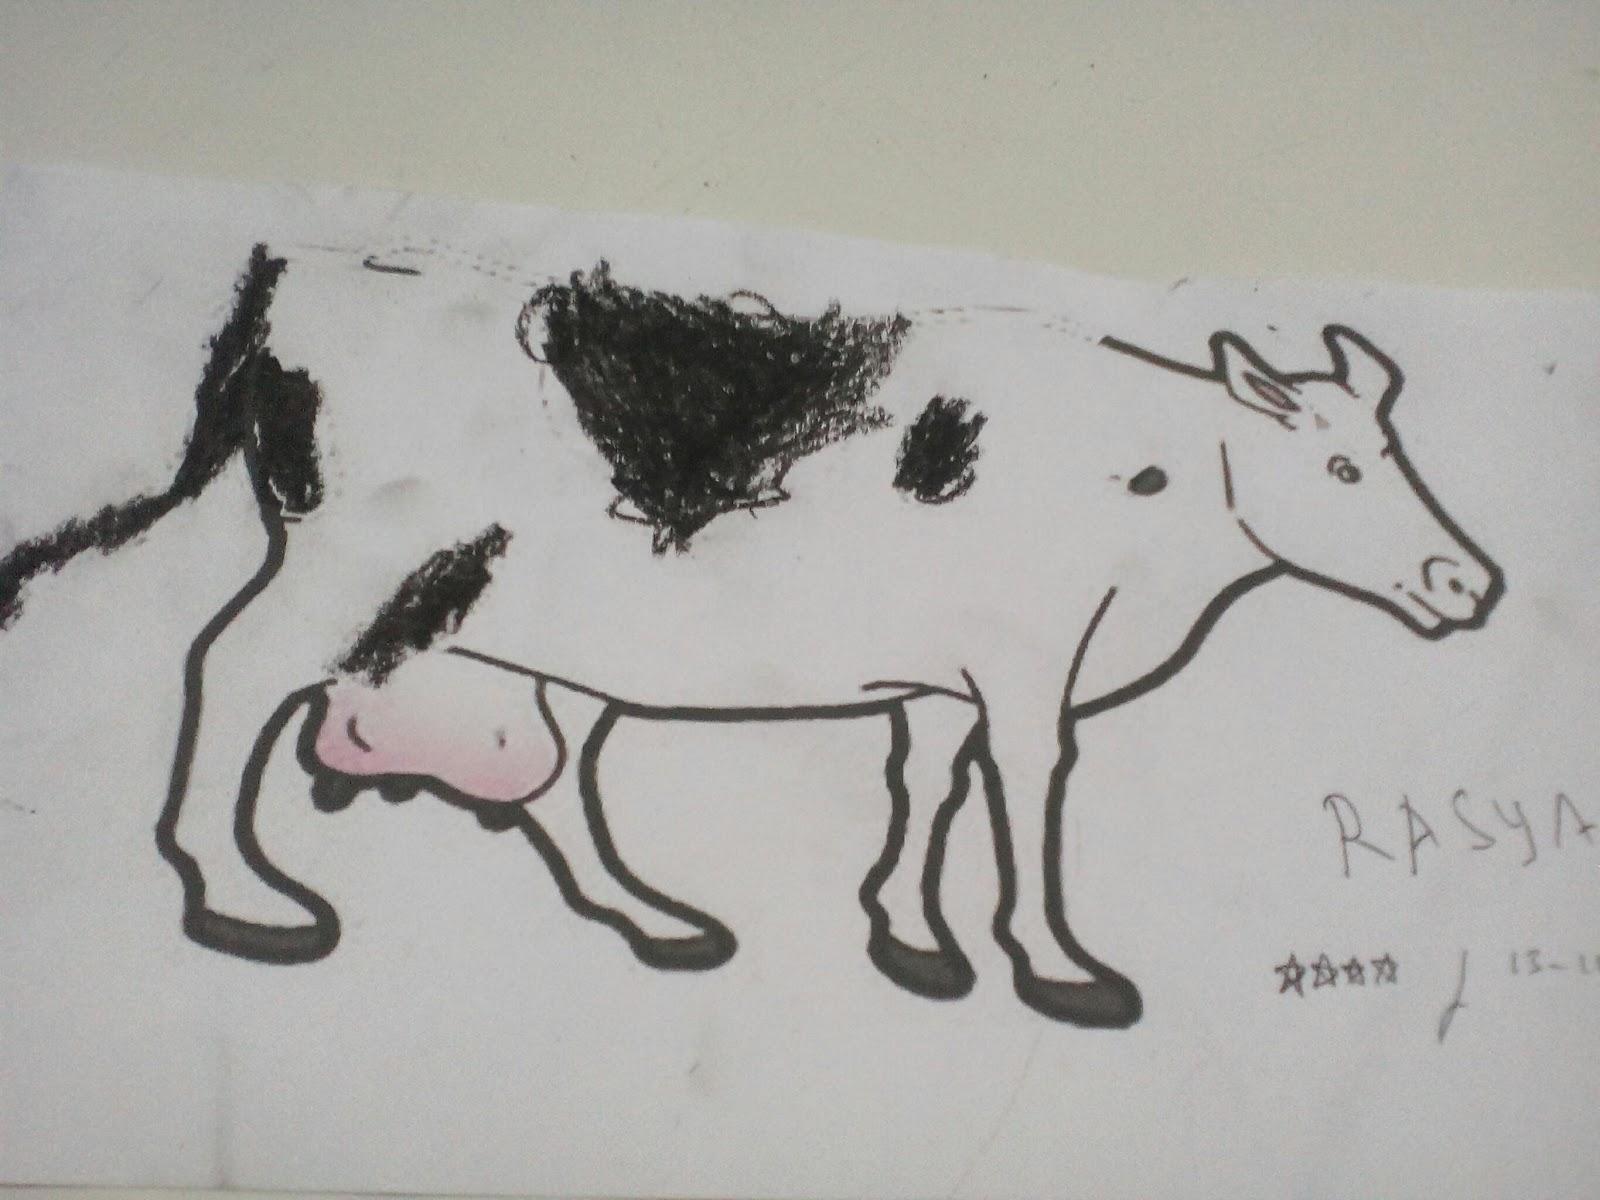 Memberi warna hitam pada gambar sapi Tema binatang Sub tema macam2 binatang Fokus binatang berkaki 4 Kamis 13 Oktober 2016